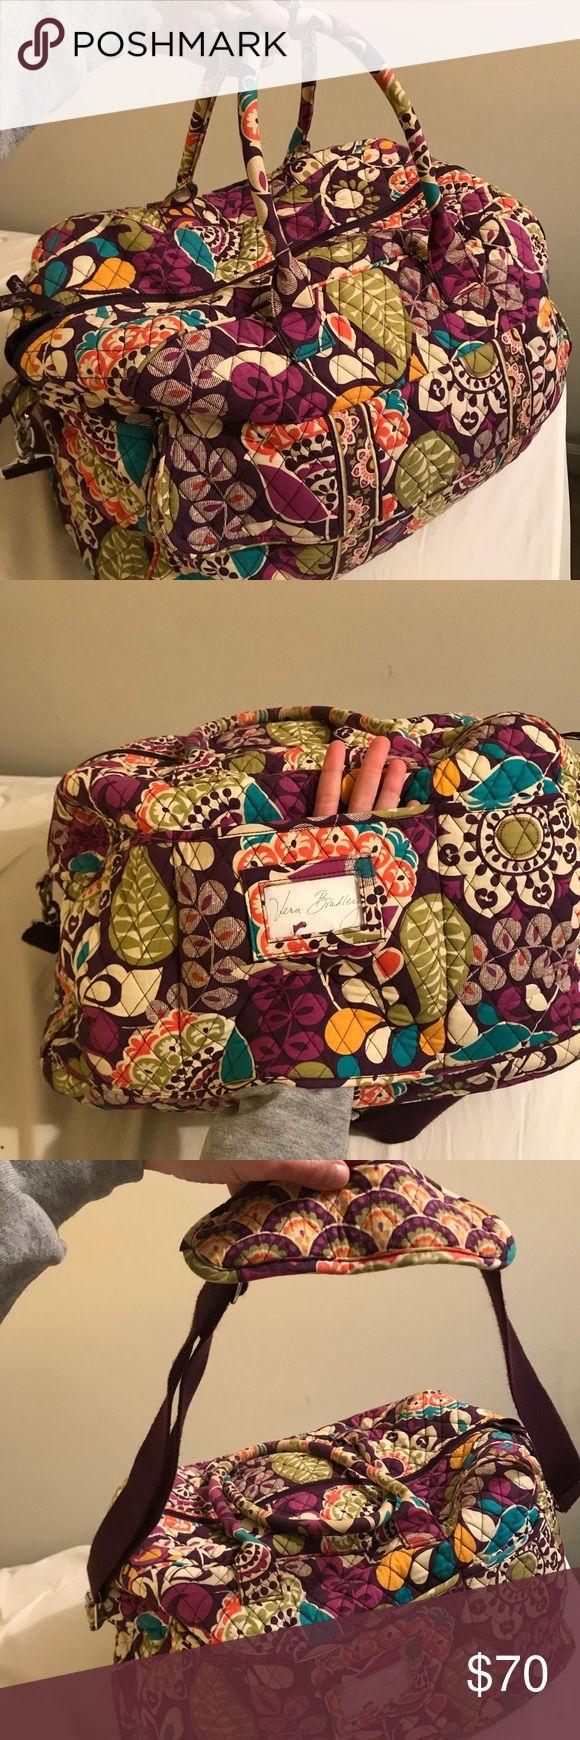 Vera Bradley weekender bag Lots of pockets, has a sleeve to slide over suitcase handle Vera Bradley Bags Travel Bags